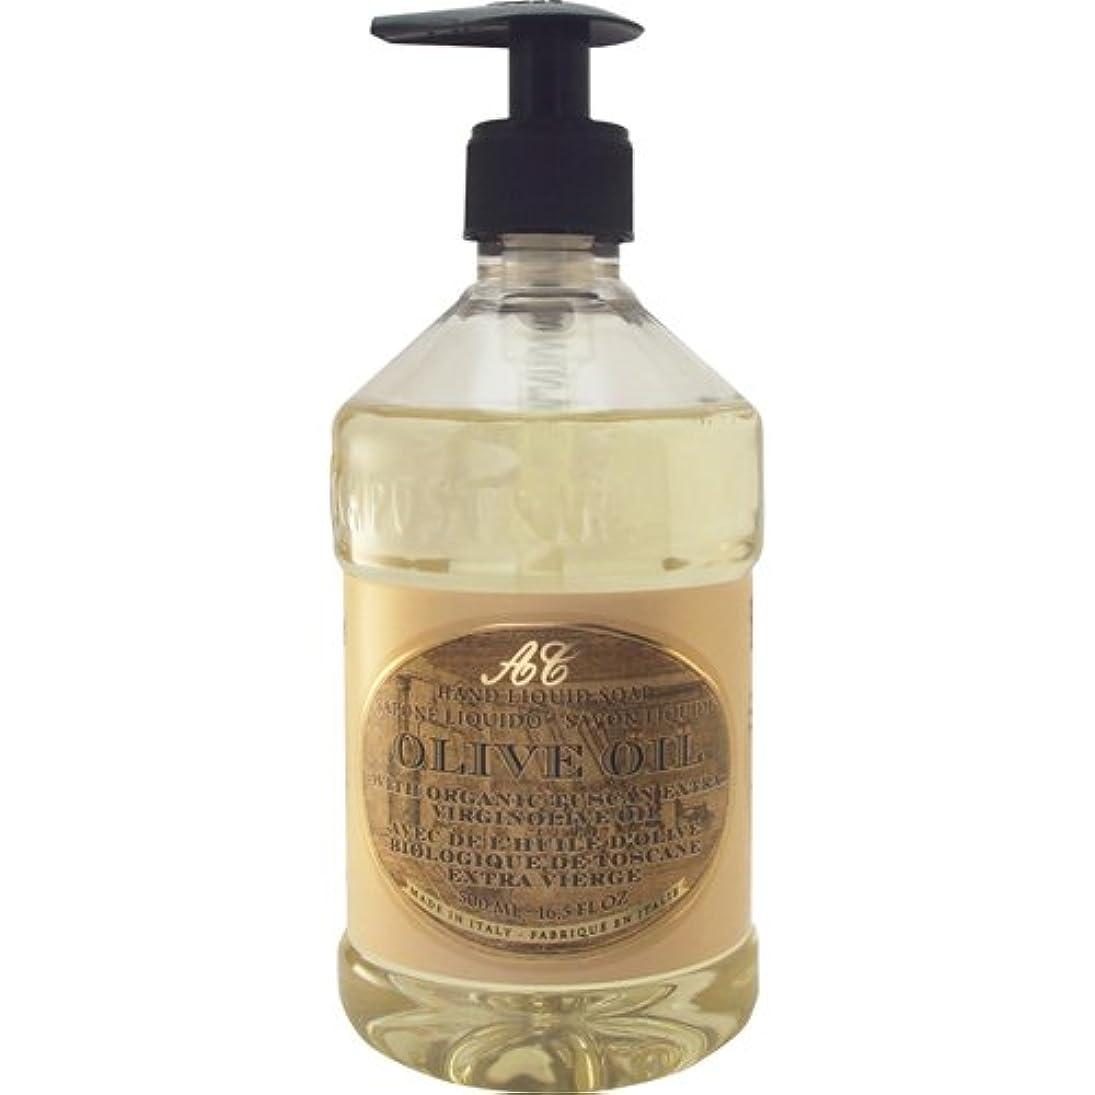 強いパイプデッドSaponerire Fissi レトロシリーズ Liquid Soap リキッドソープ 500ml Olive Oil オリーブオイル